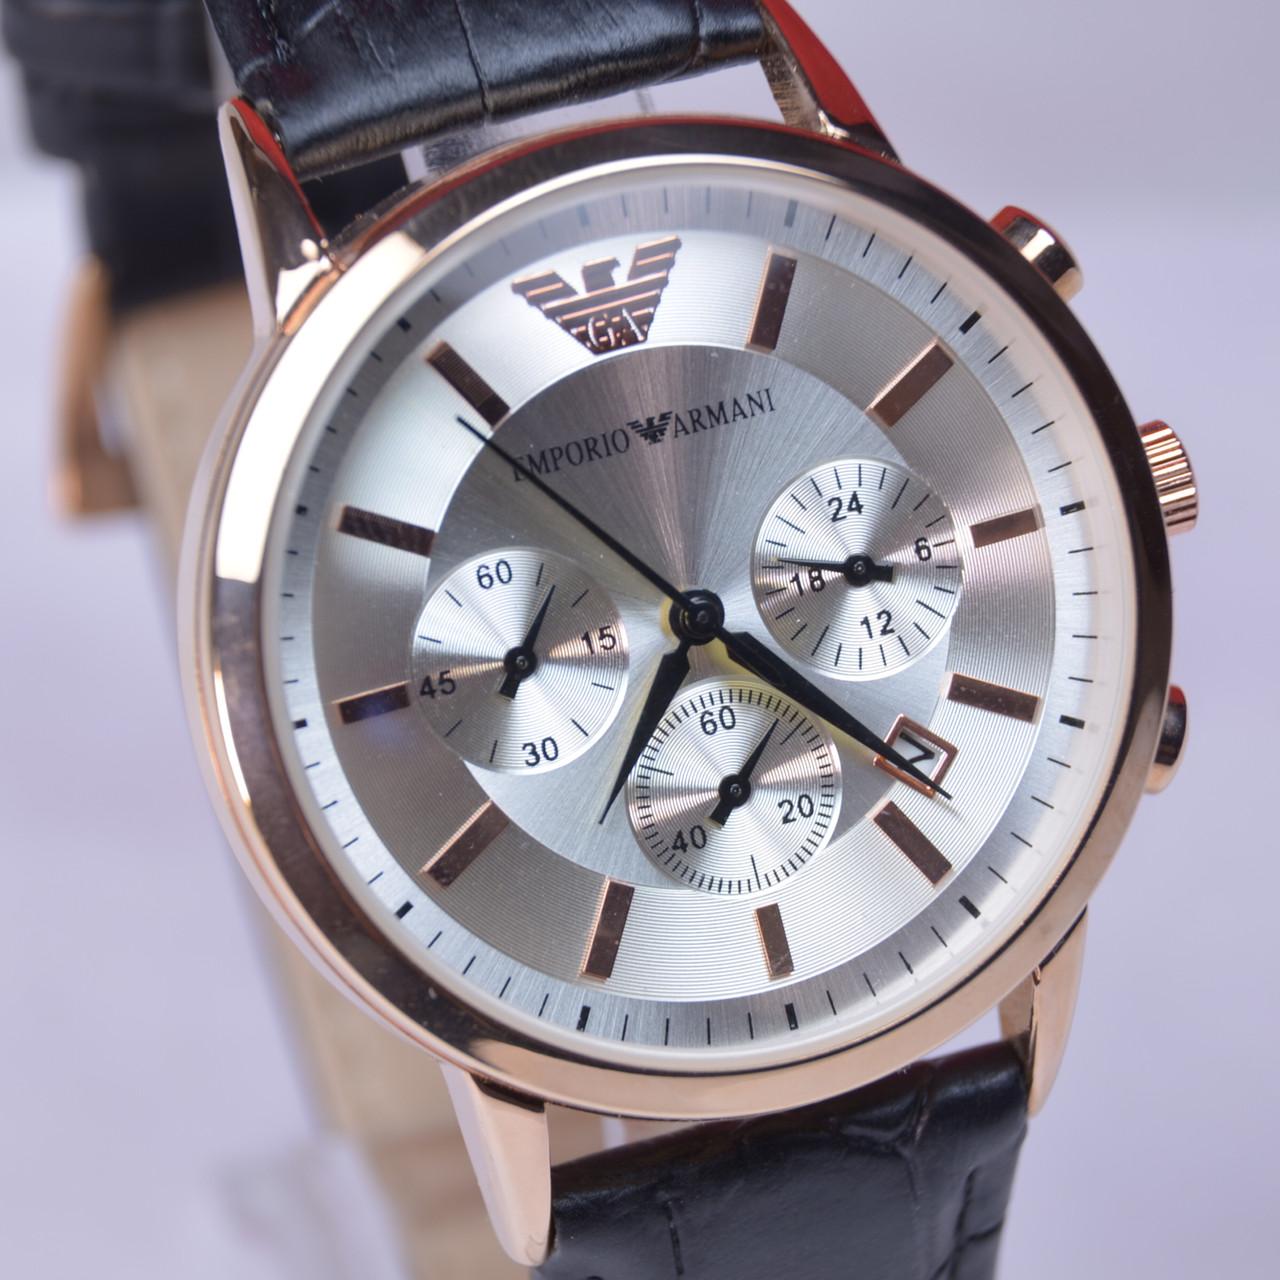 6855699e542d Мужские наручные часы Emporio Armani AR-249G Gold с хронографом (копия)